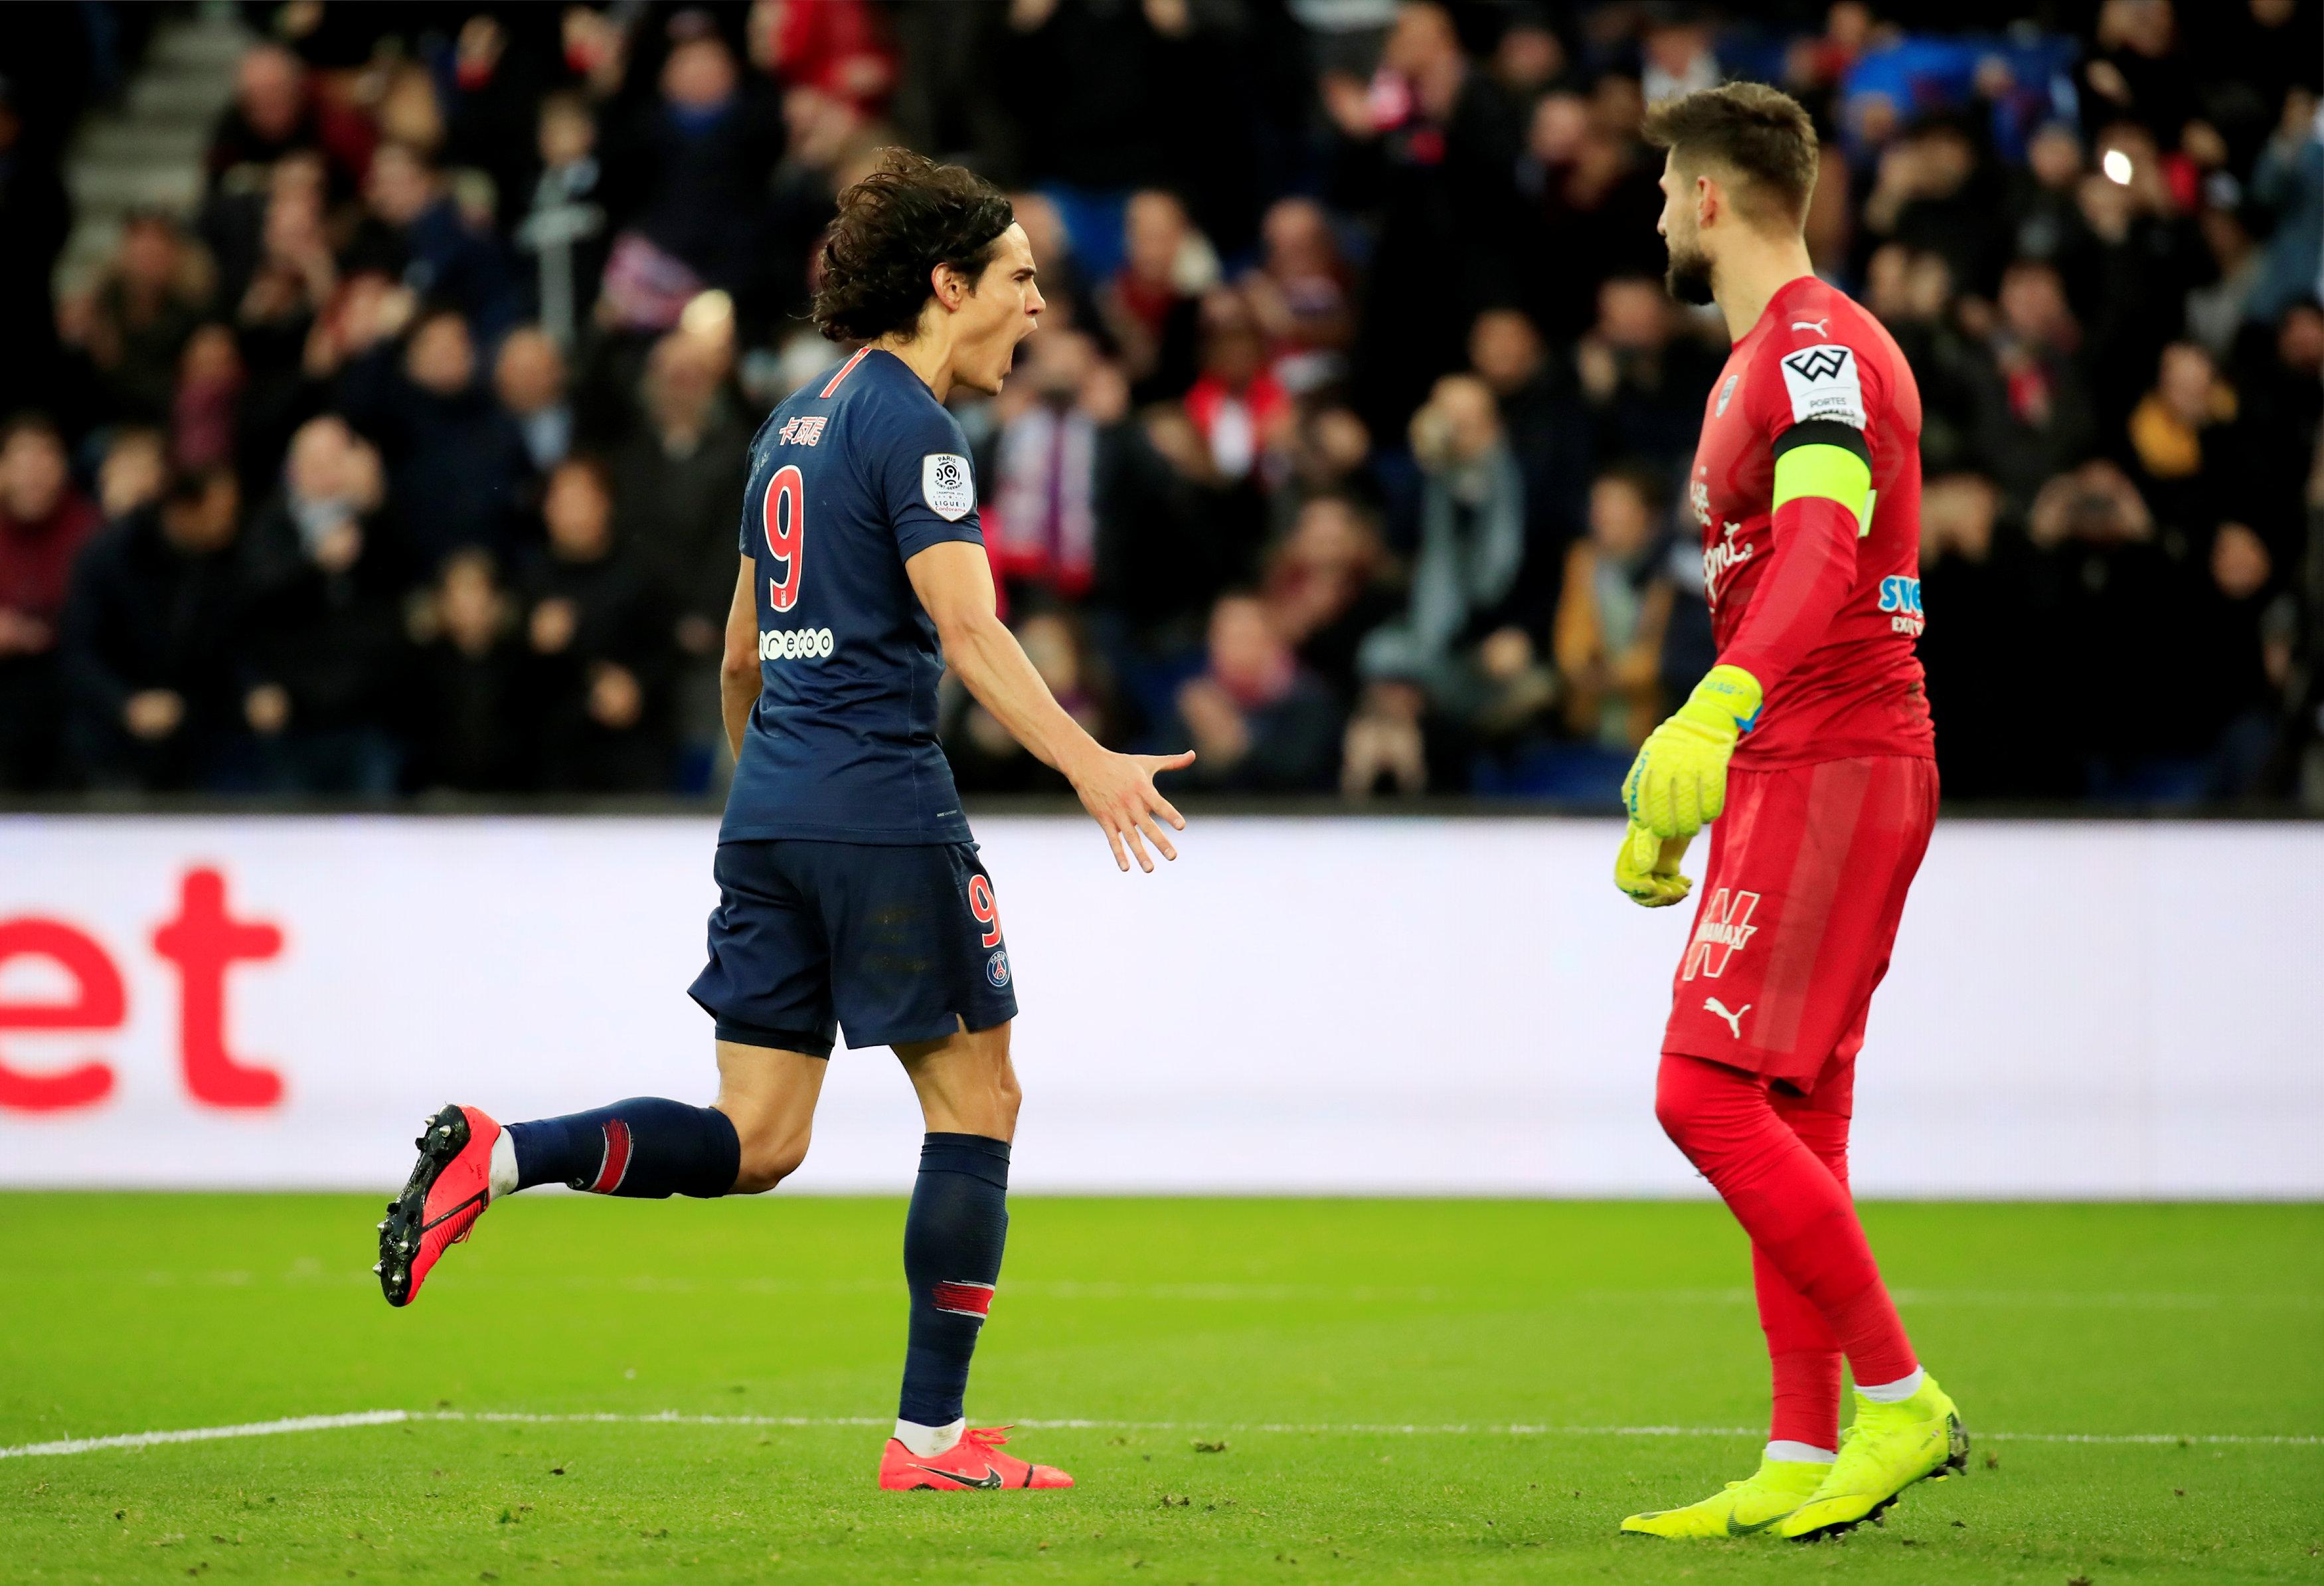 En fotos: París Saint-Germain se mantiene dominante en Francia con triunfo contra Bordeaux